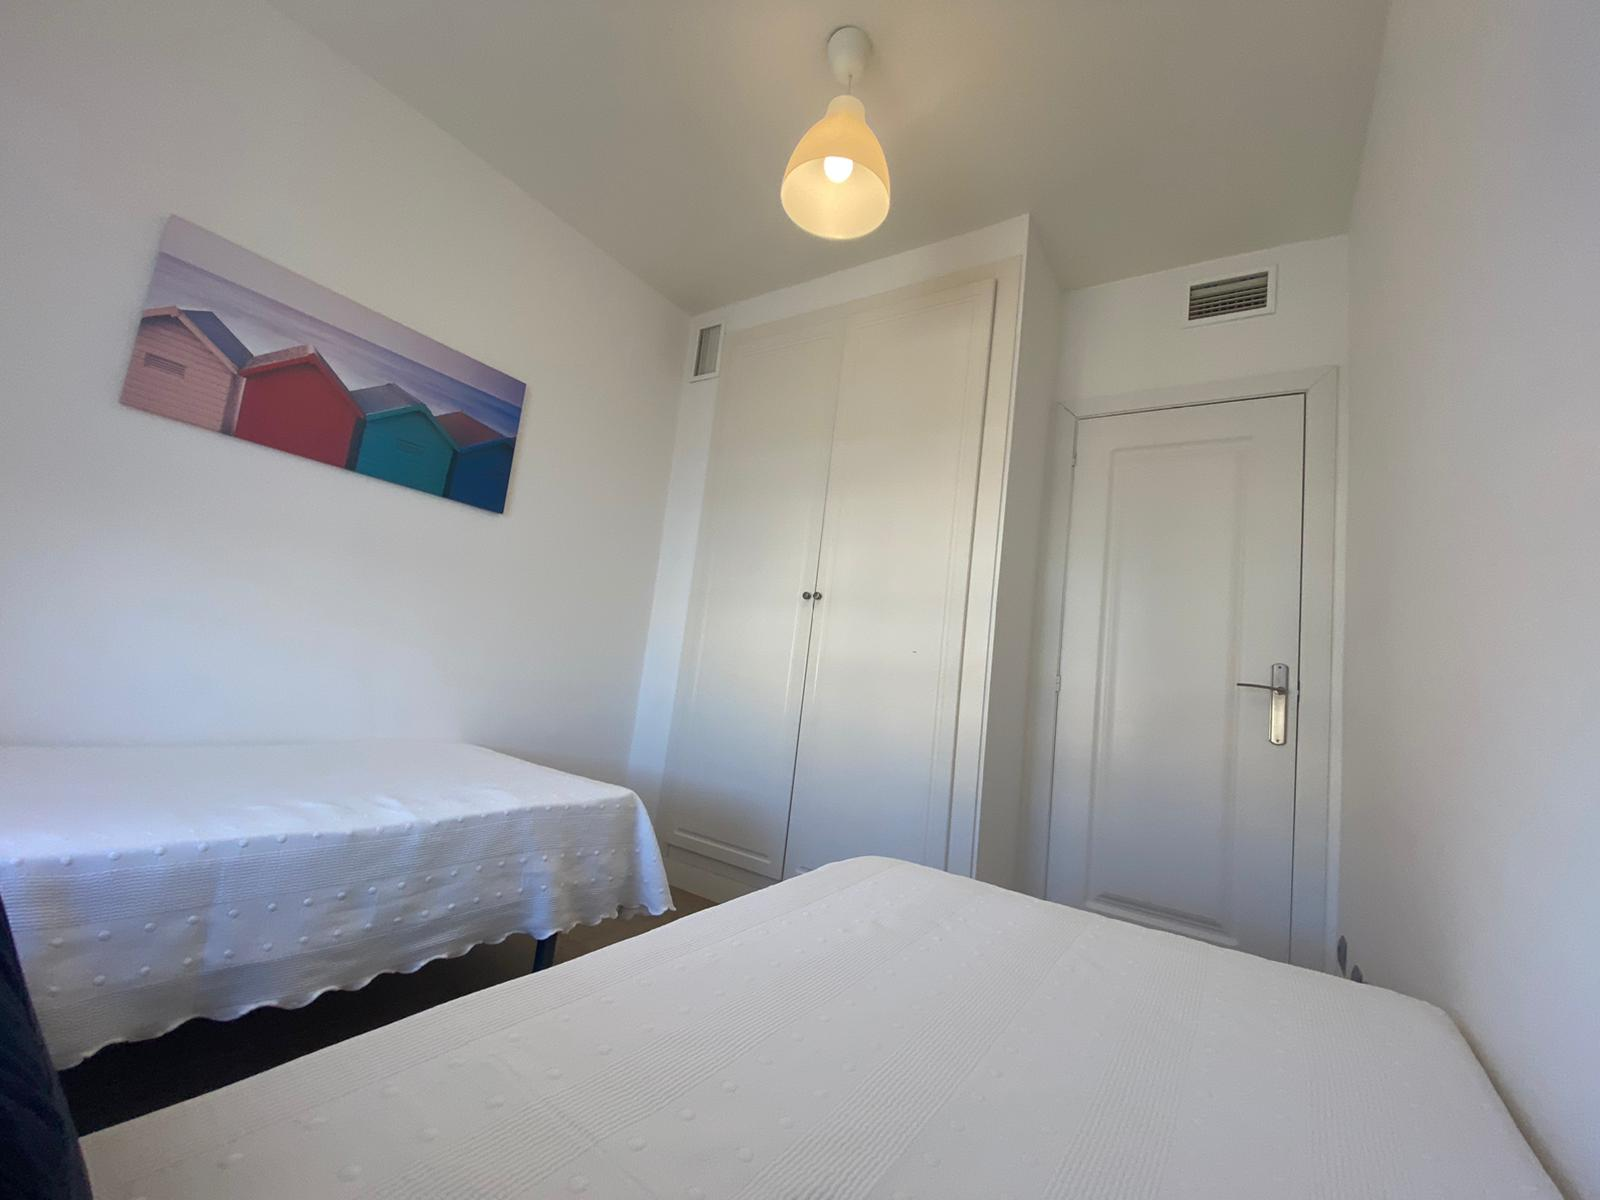 Imagen 43 del Apartamento Turístico, Ático 6 Levante (3d+2b), Punta del Moral (HUELVA), Paseo de la Cruz nº22